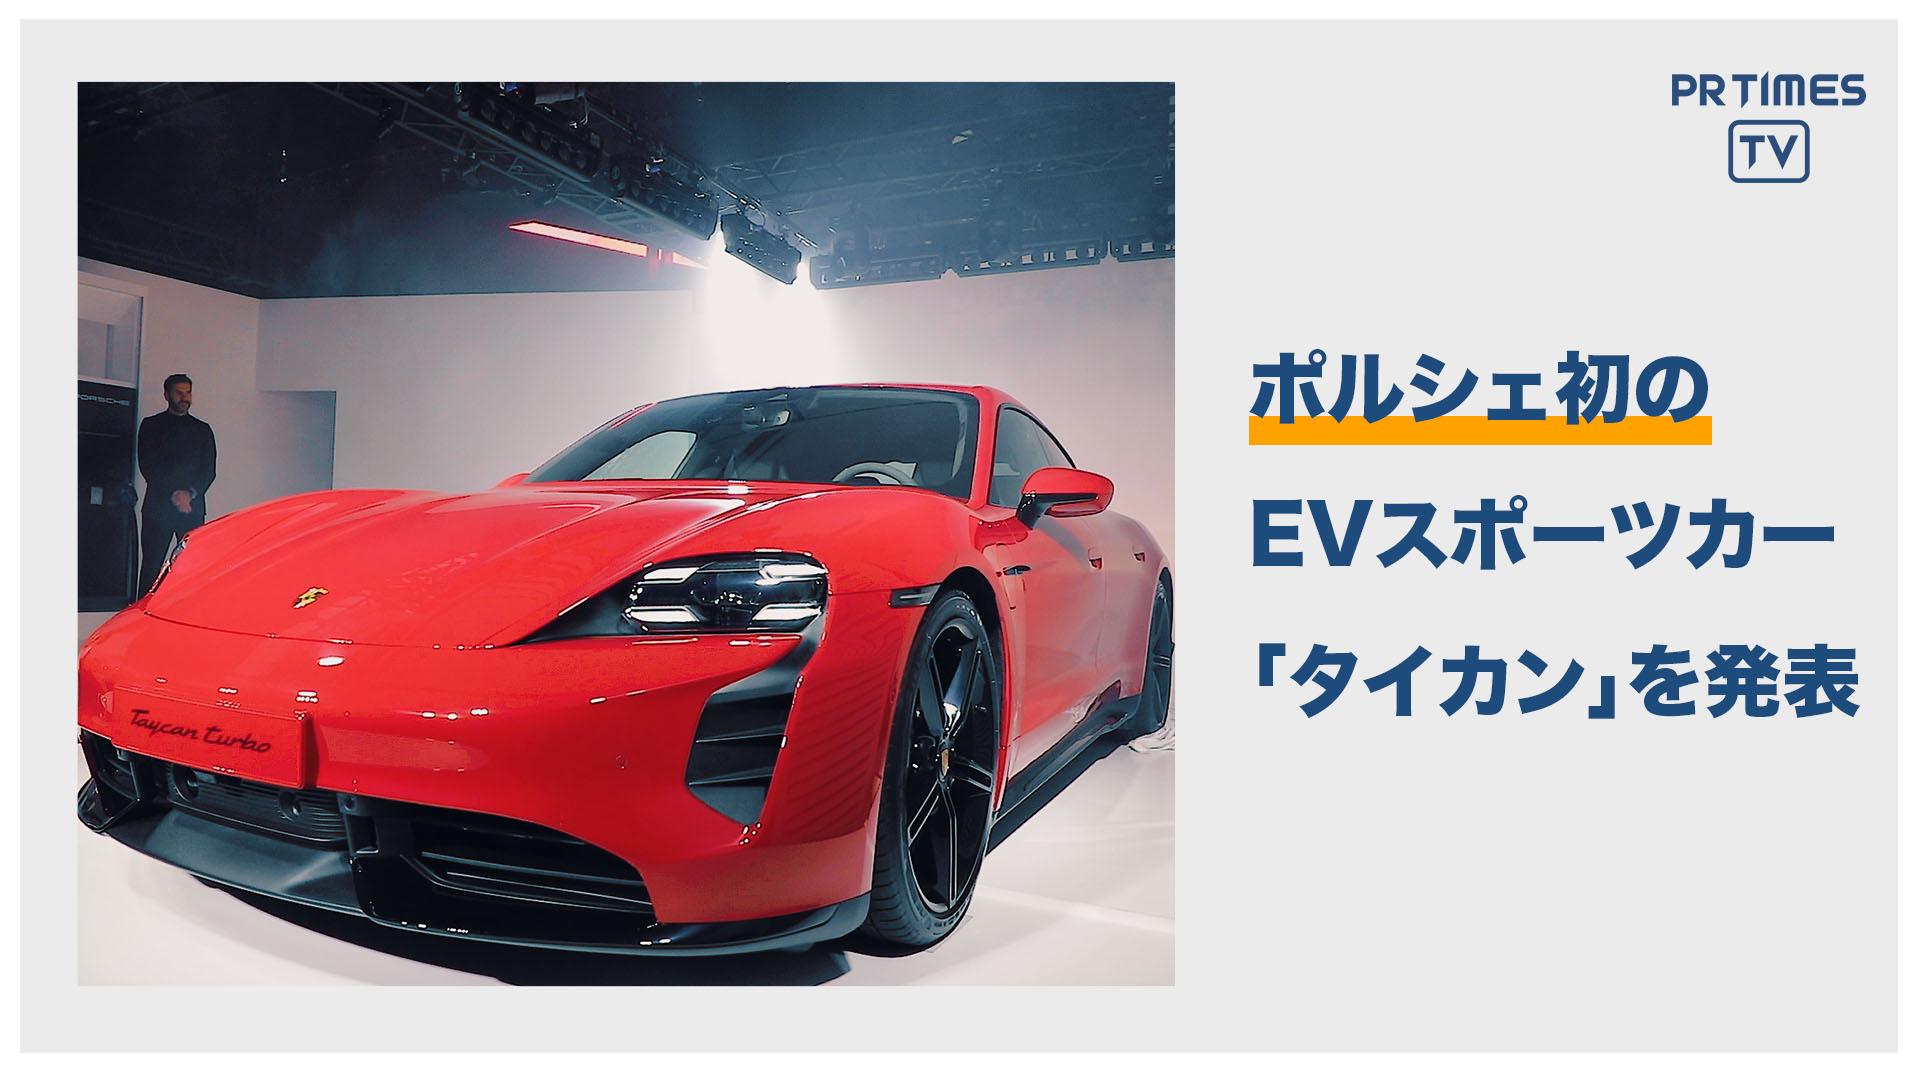 ポルシェ初のEVスポーツカー「タイカン」を発表 「期間限定タイカン予約プログラム」を開始